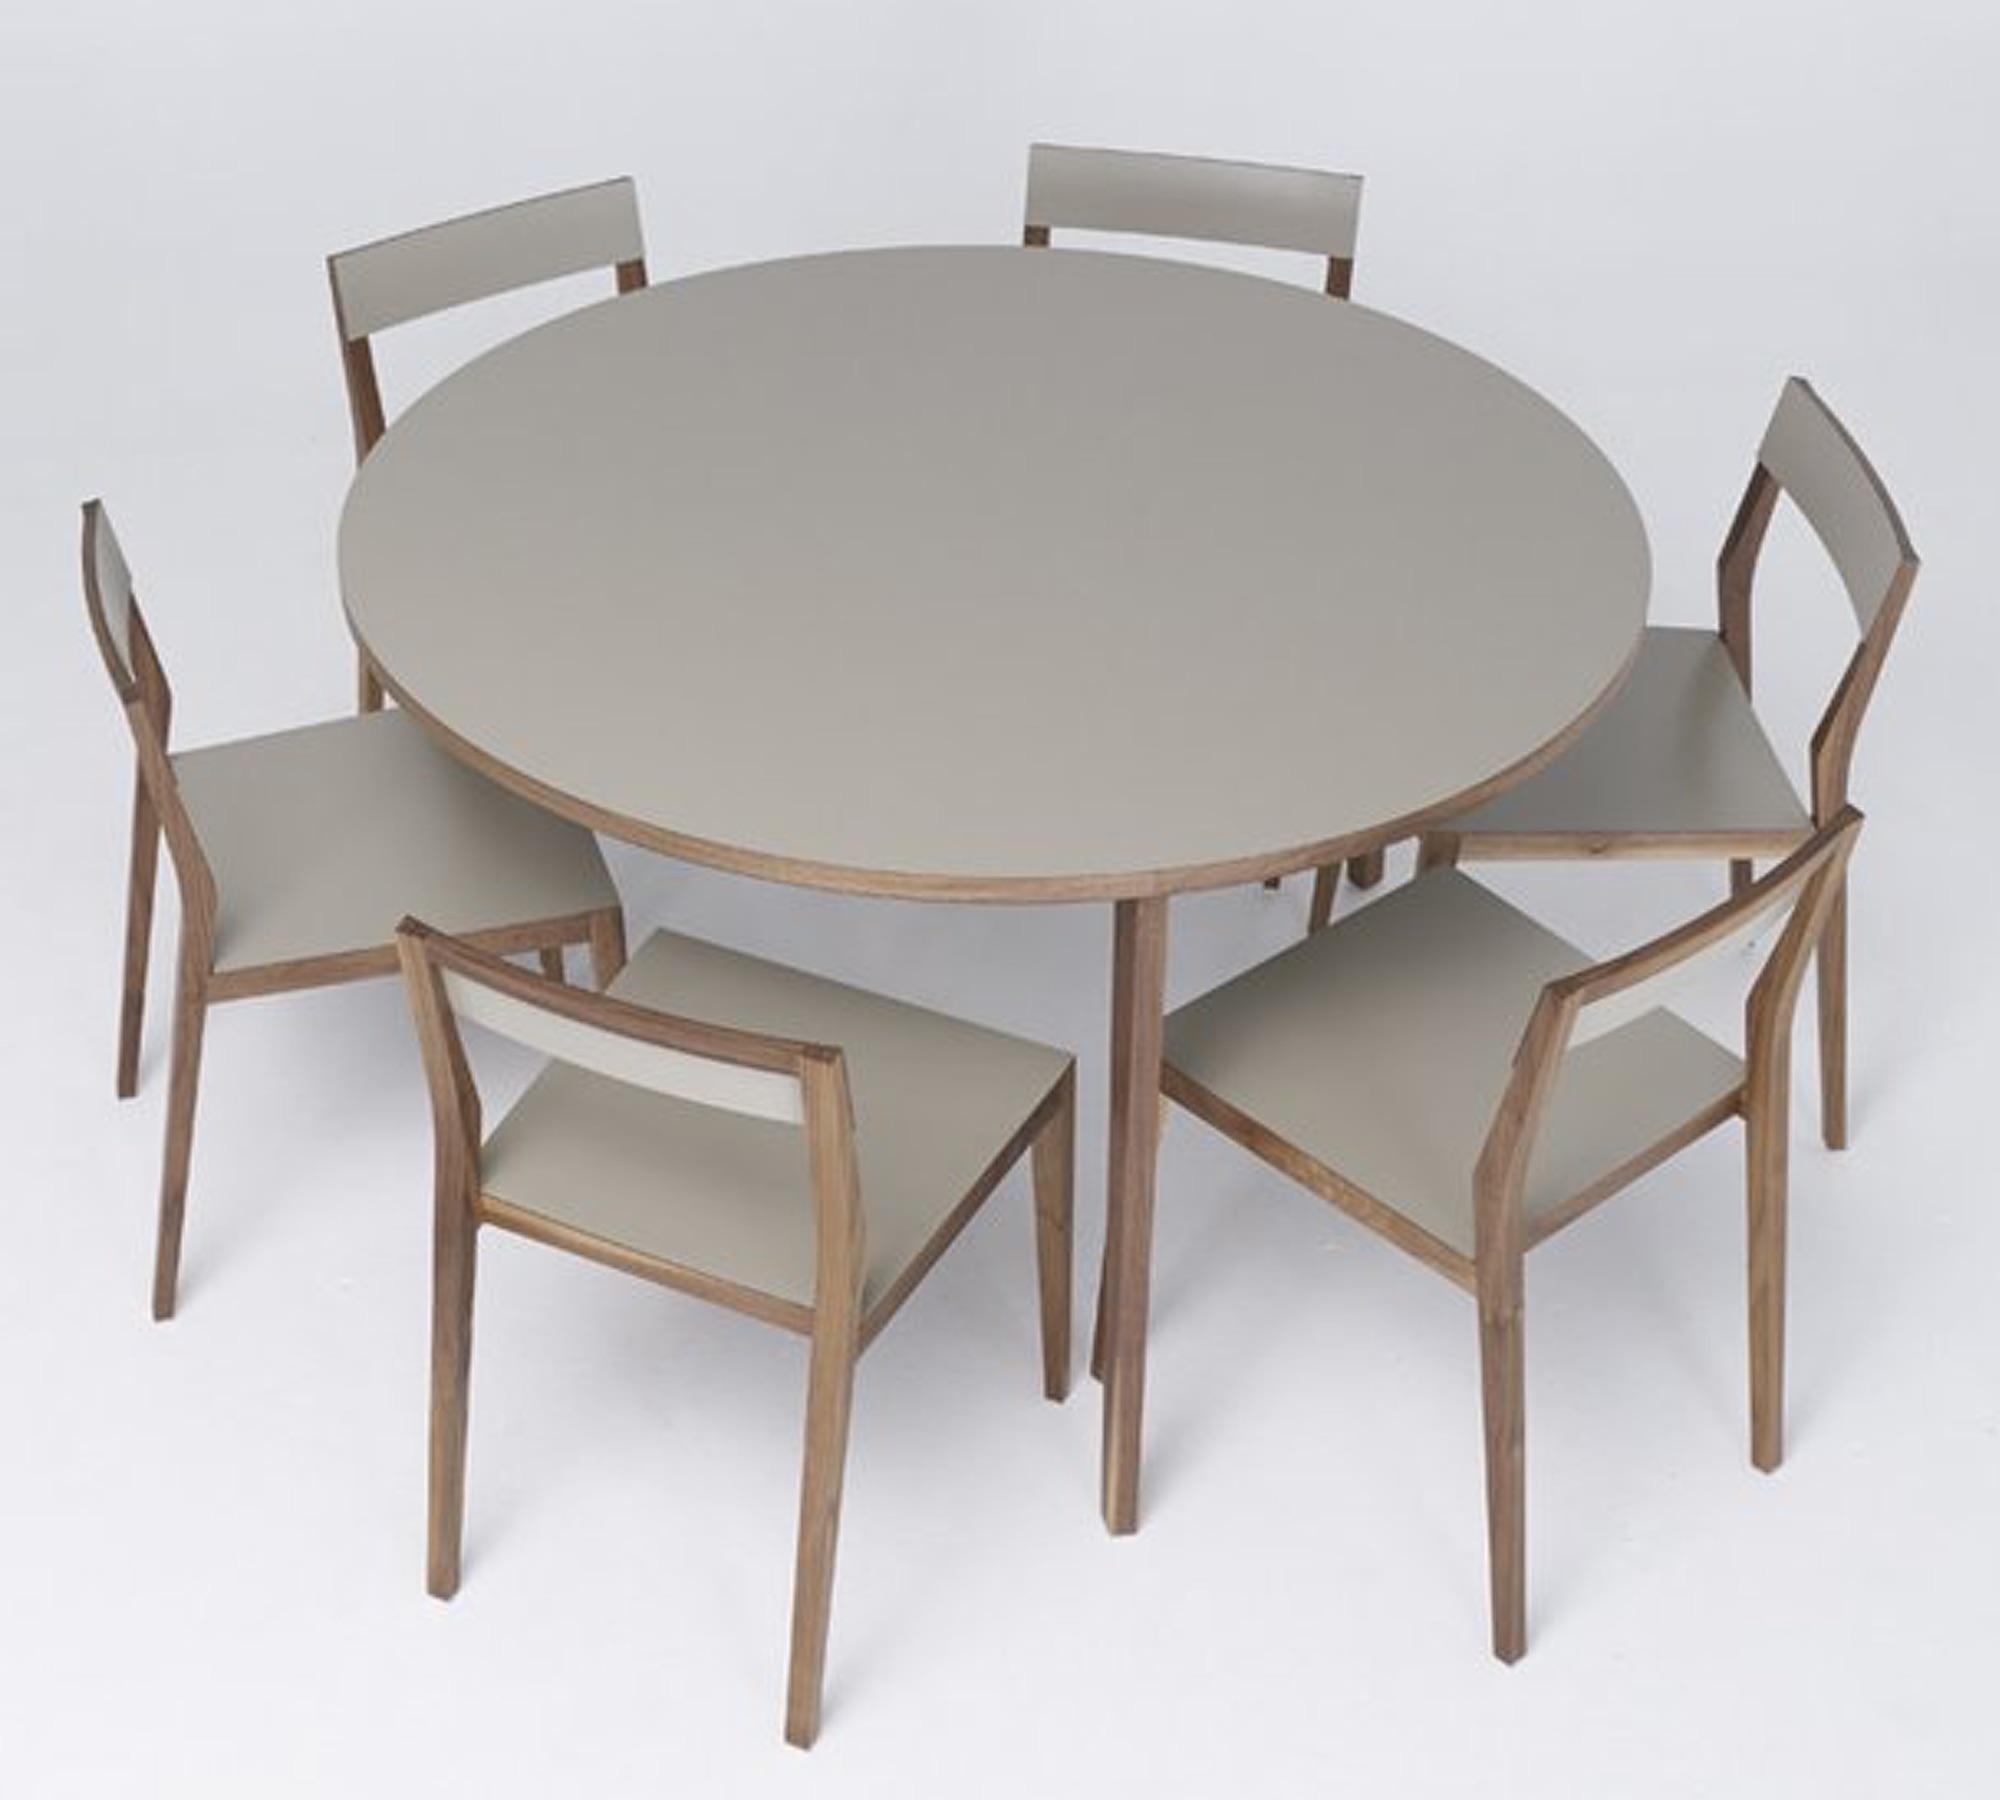 Full Size of Esstische Design Mint Tisch Table Aus Massivholz Rund Esszimmertische Designer Holz Ausziehbar Moderne Küche Industriedesign Massiv Badezimmer Bett Modern Esstische Esstische Design